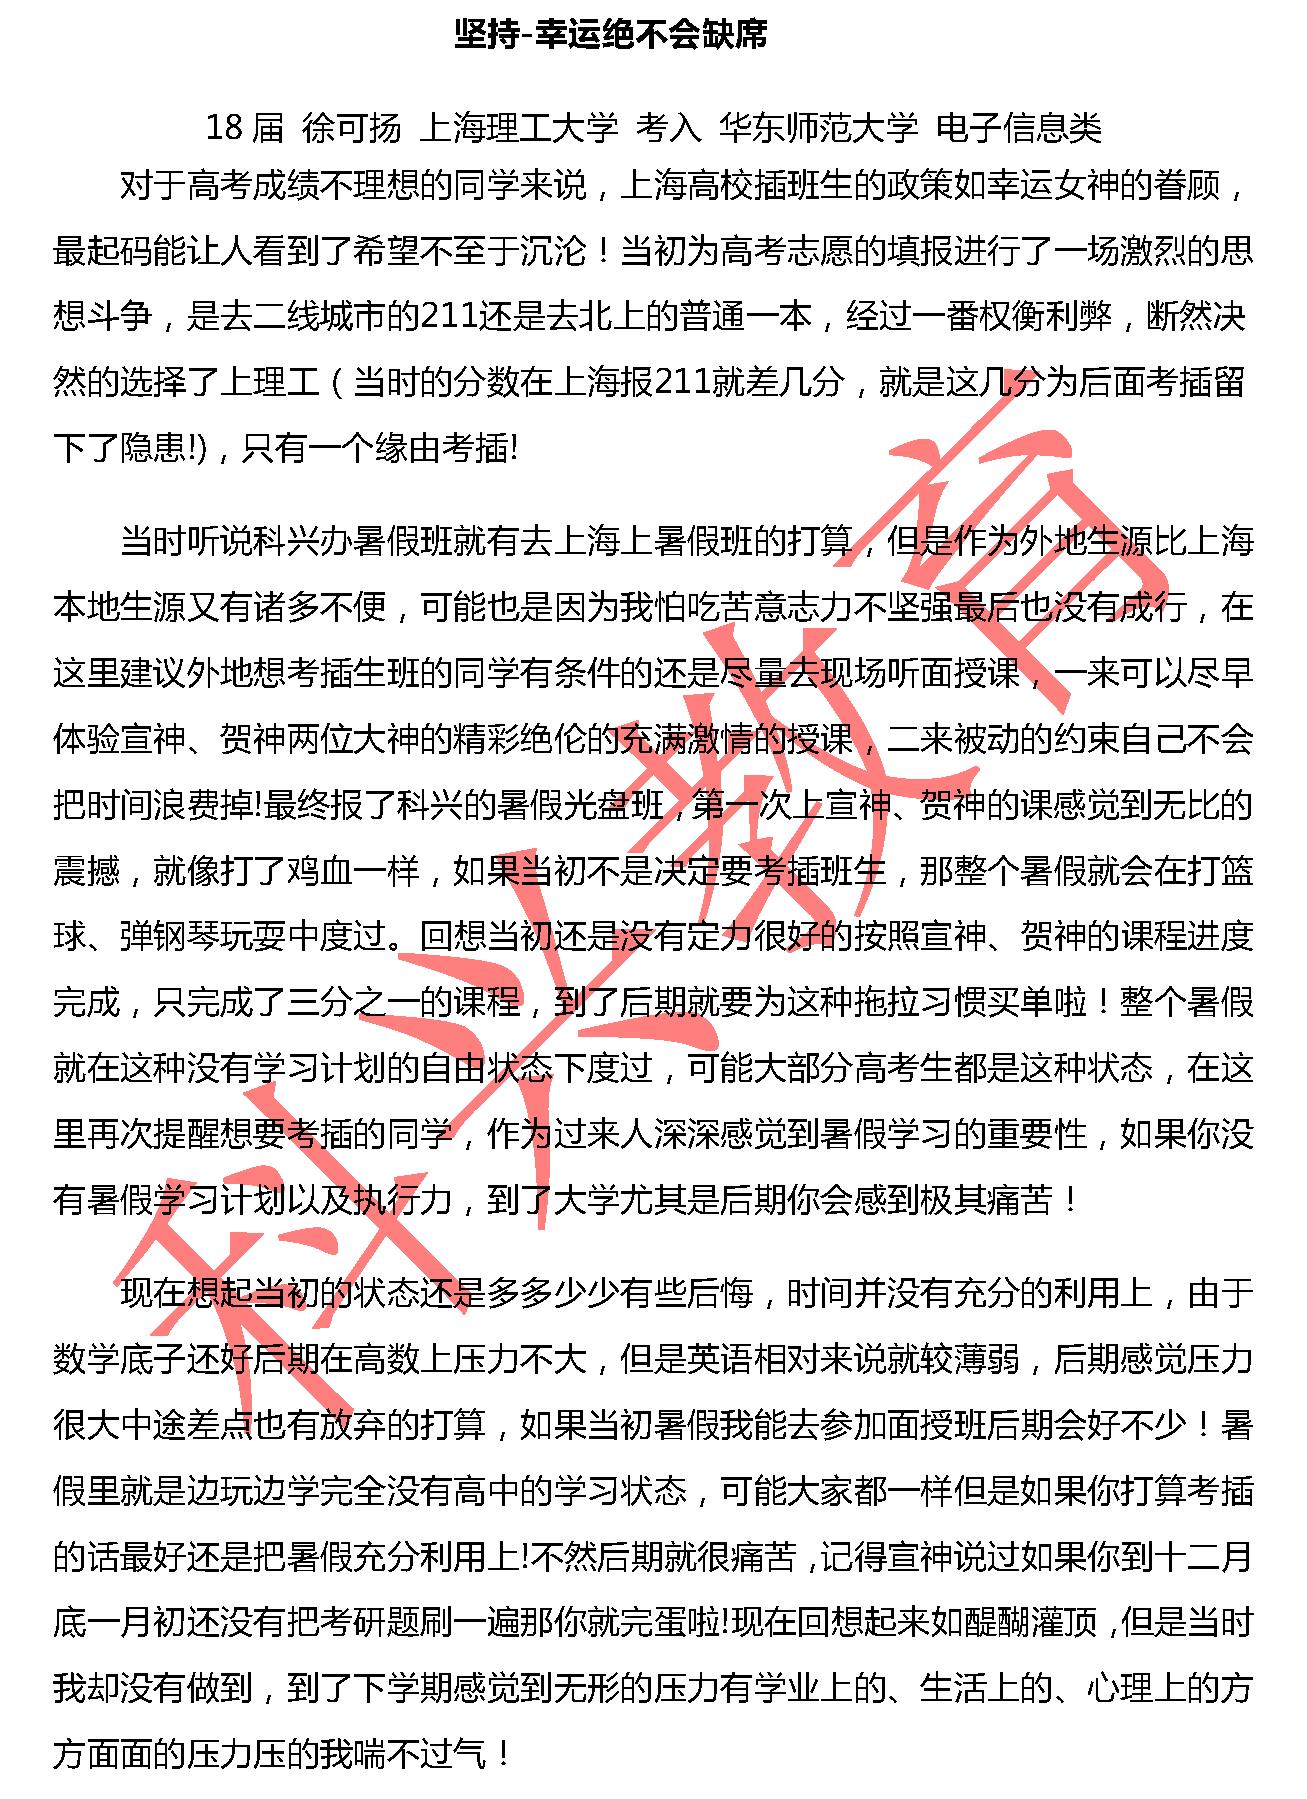 华师徐可扬:坚持-幸运绝不会缺席(18届)